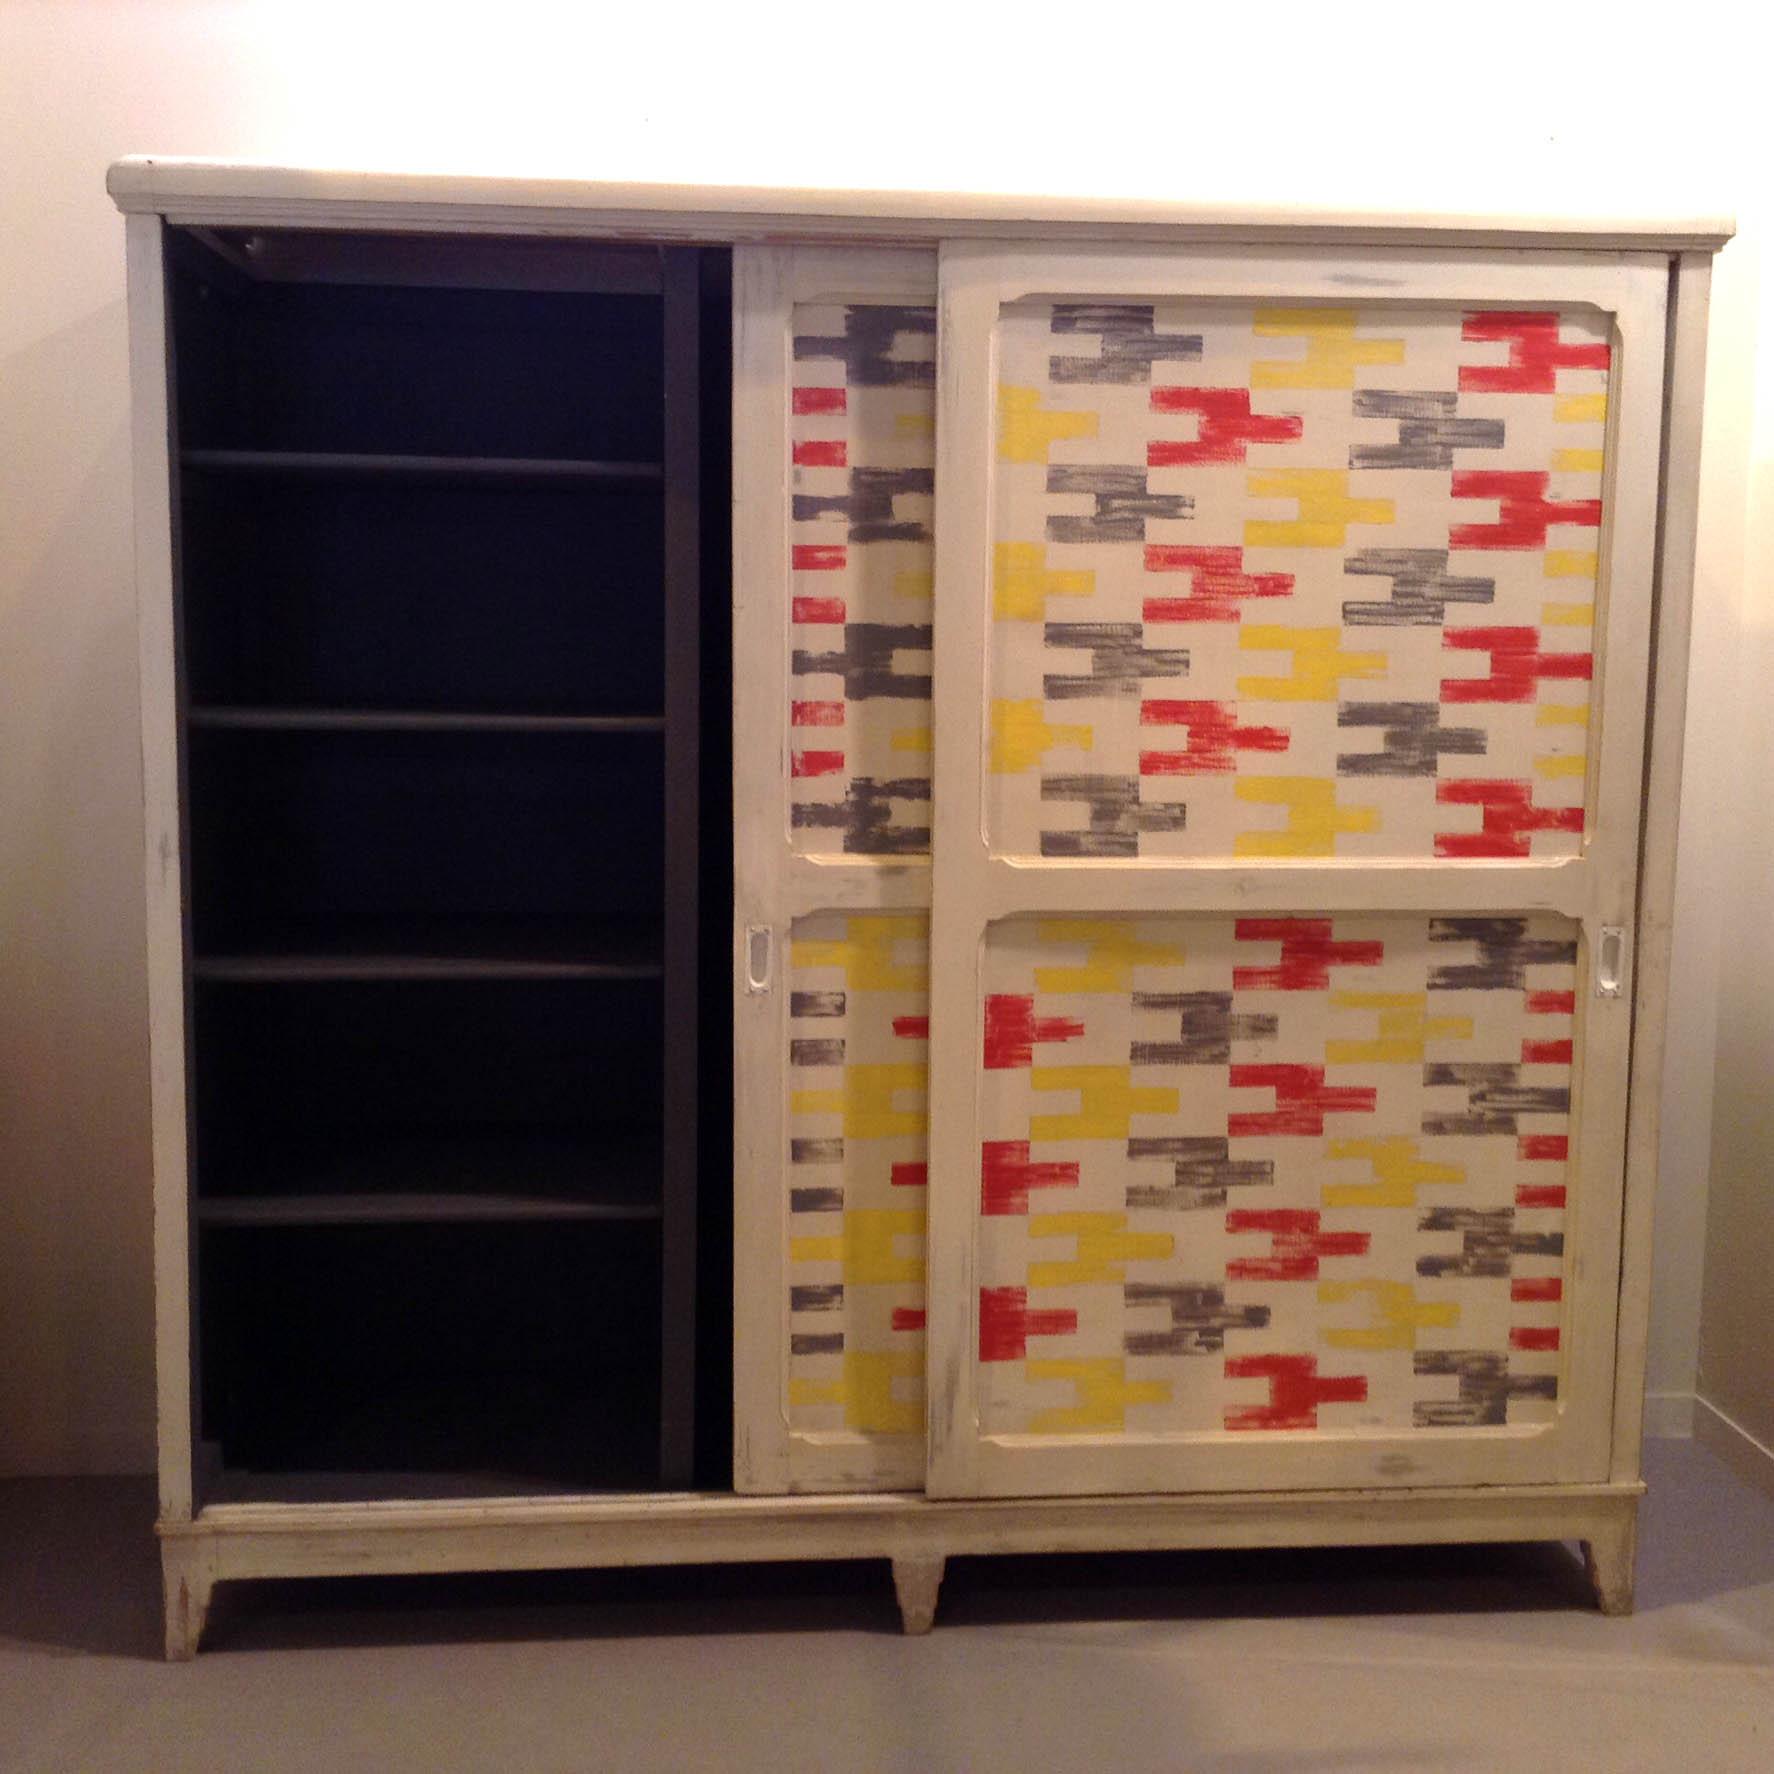 3 armario antiguo puertas correderas blanco gris colores rojo amarillo baldas estantes fondo grande vintage estilo estampado geometrico industrial 1